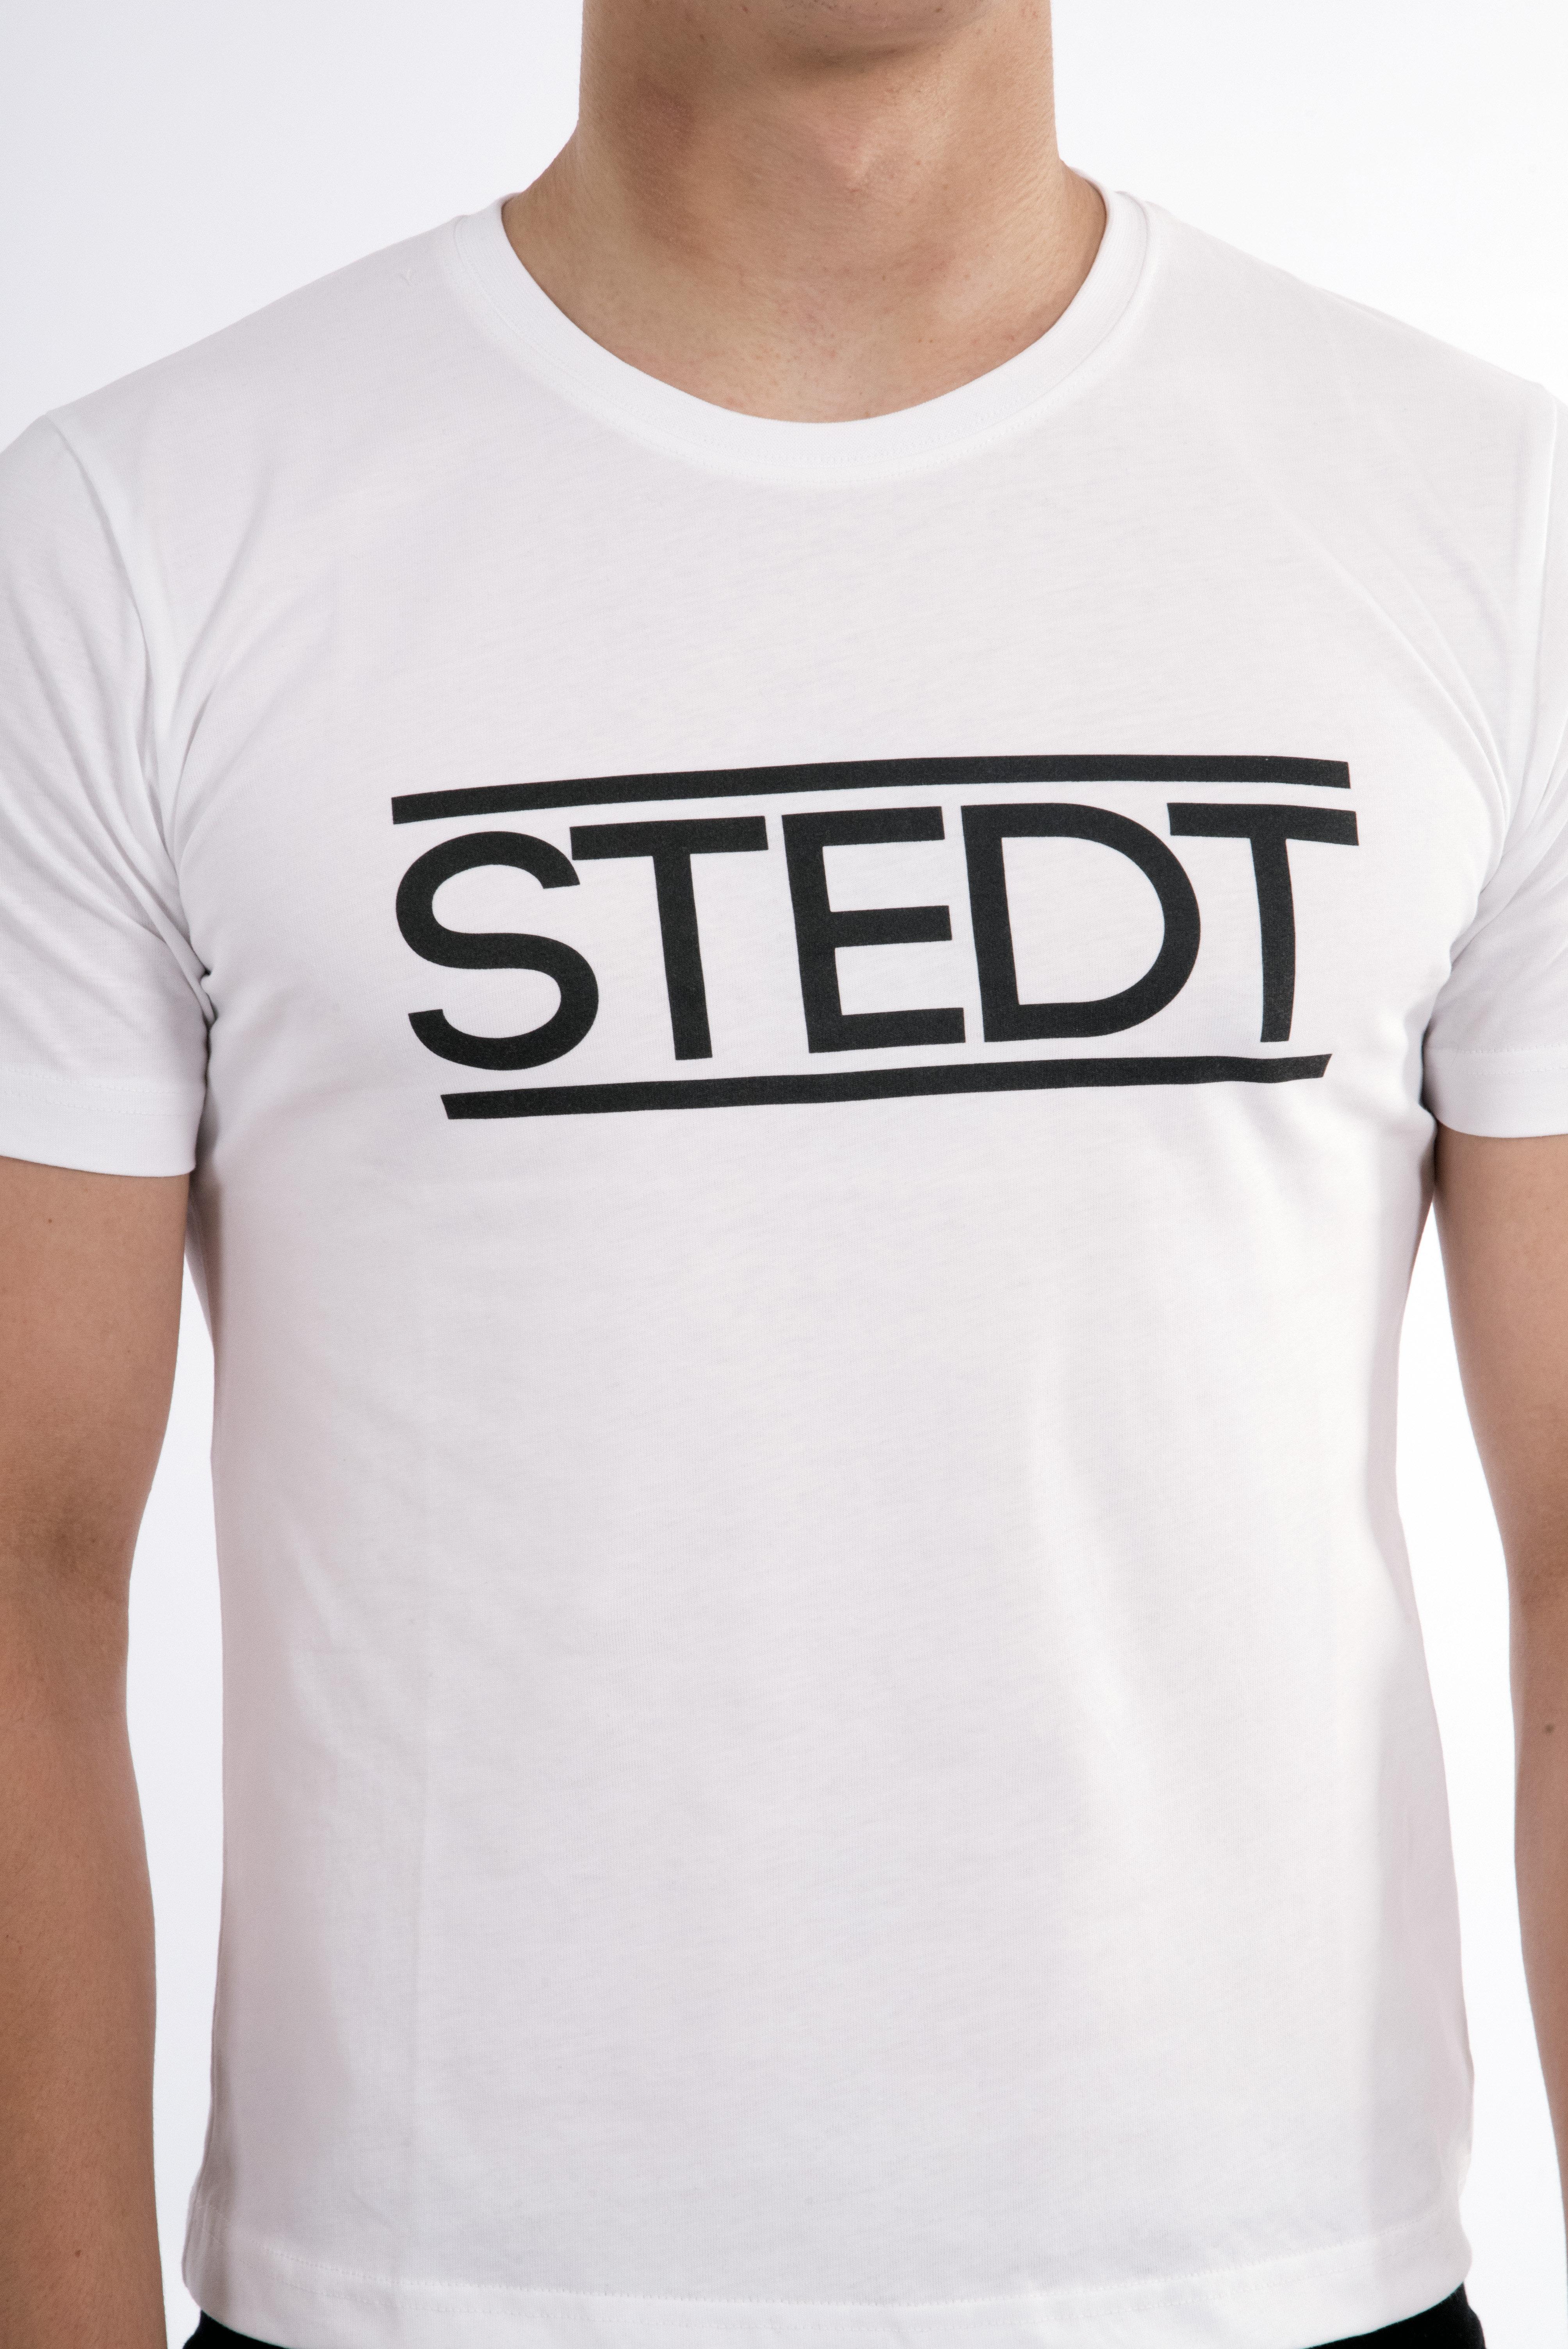 T-shirt STEDT men White